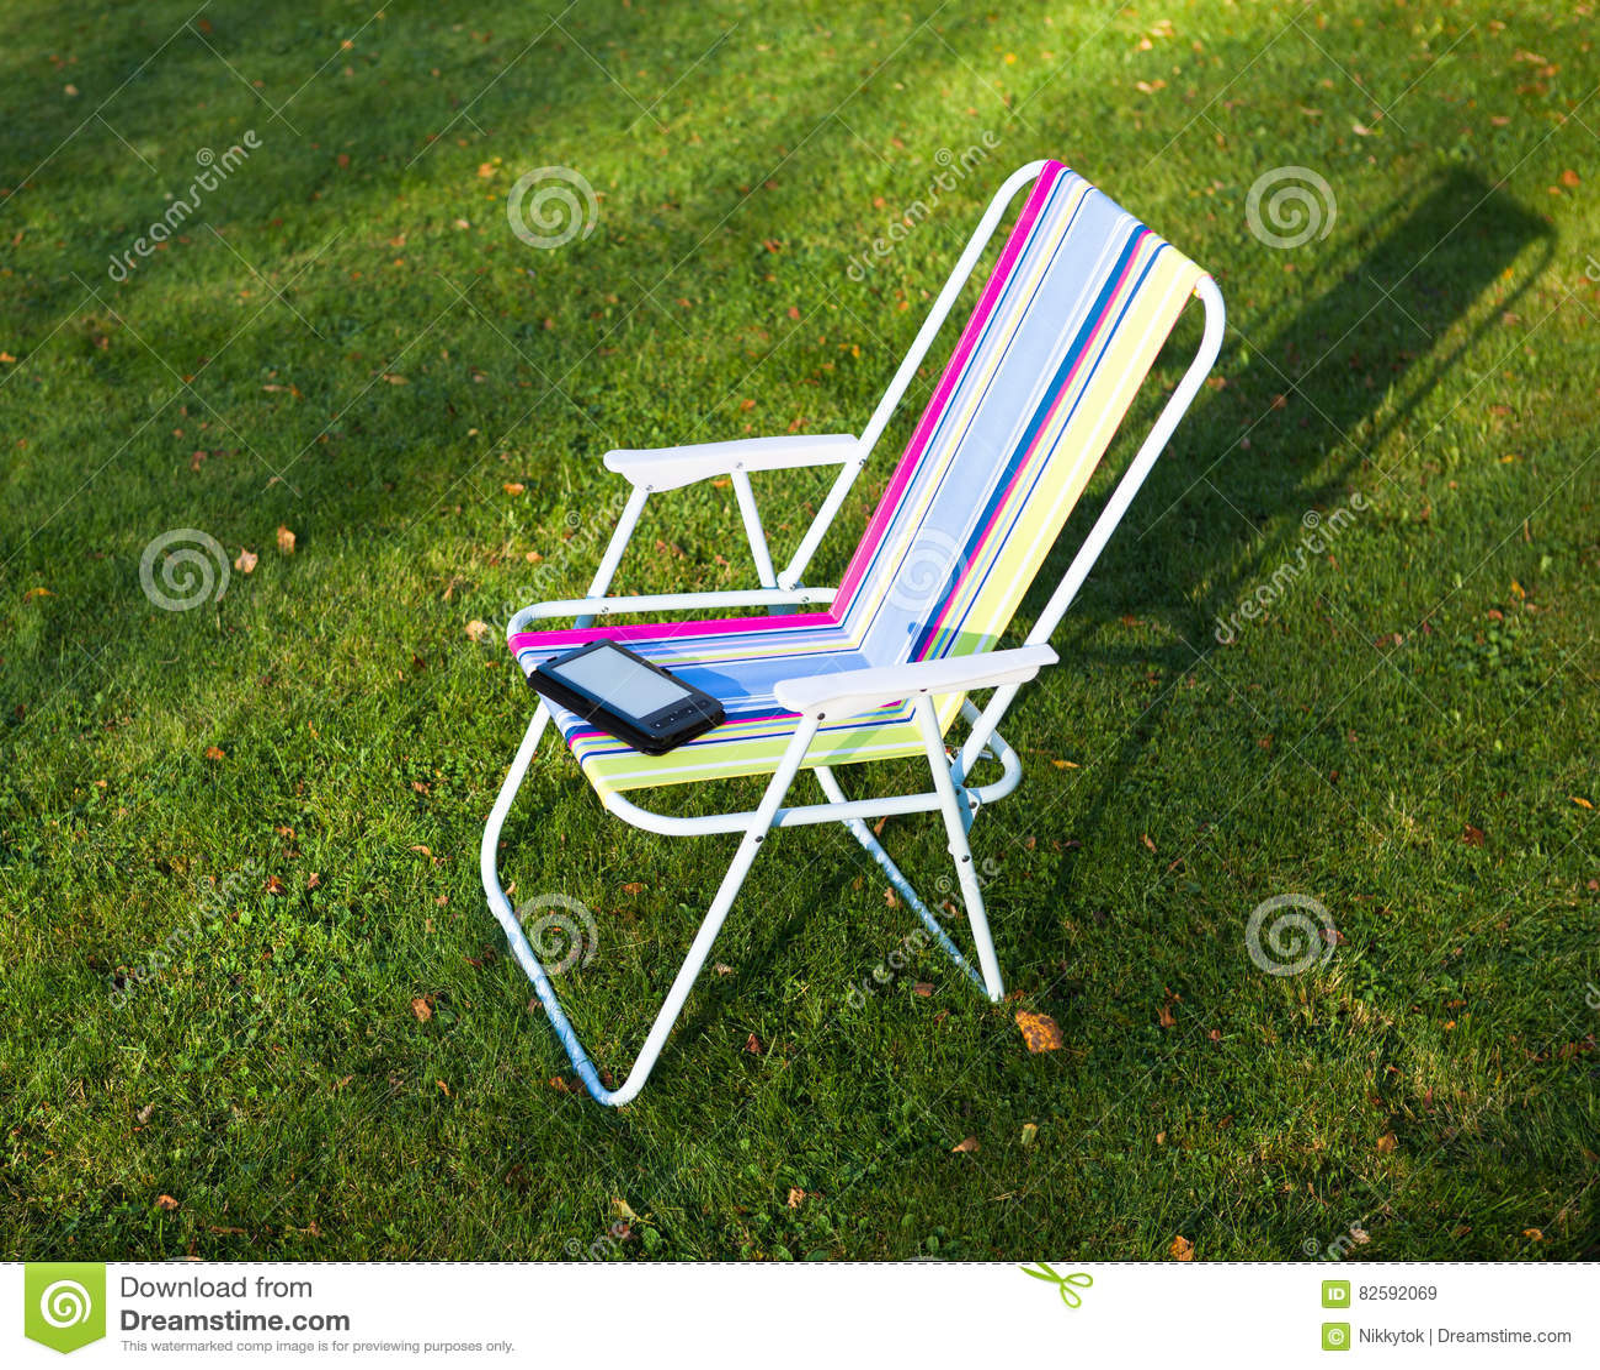 EBook-Leser auf dem Stuhl, Grashintergrund